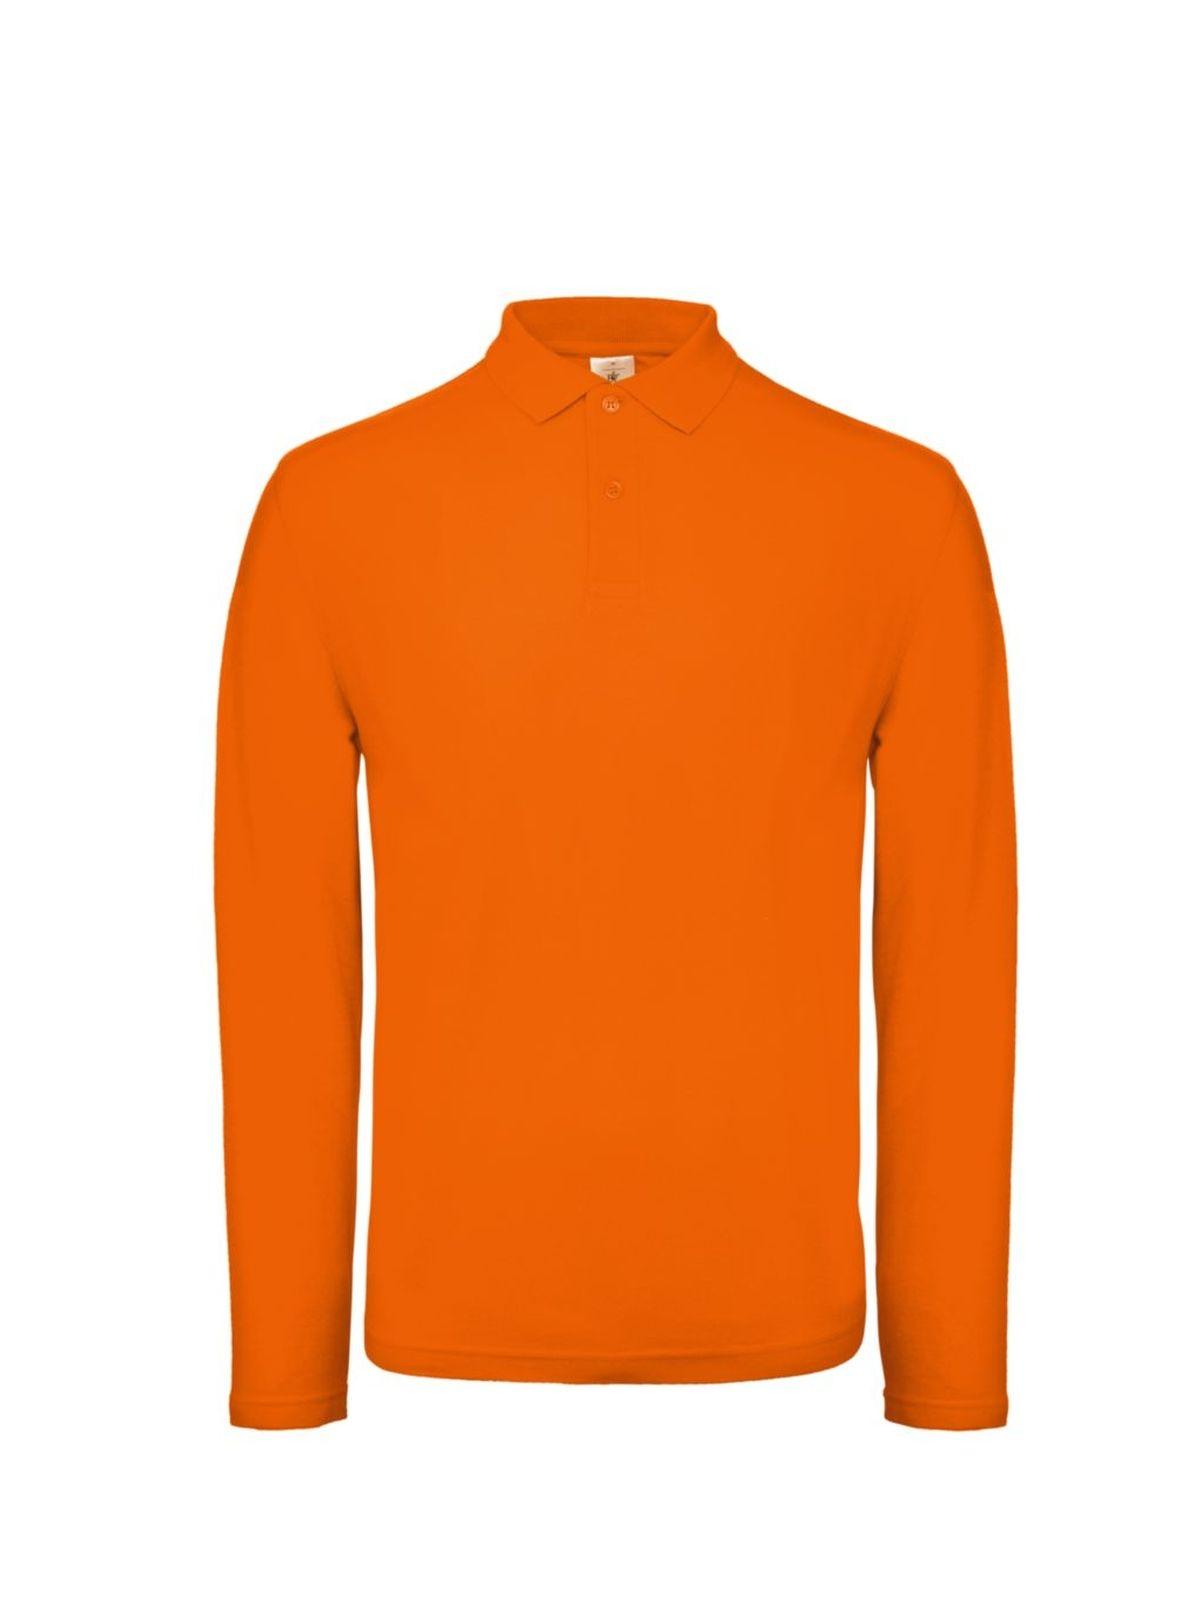 OR235   orange